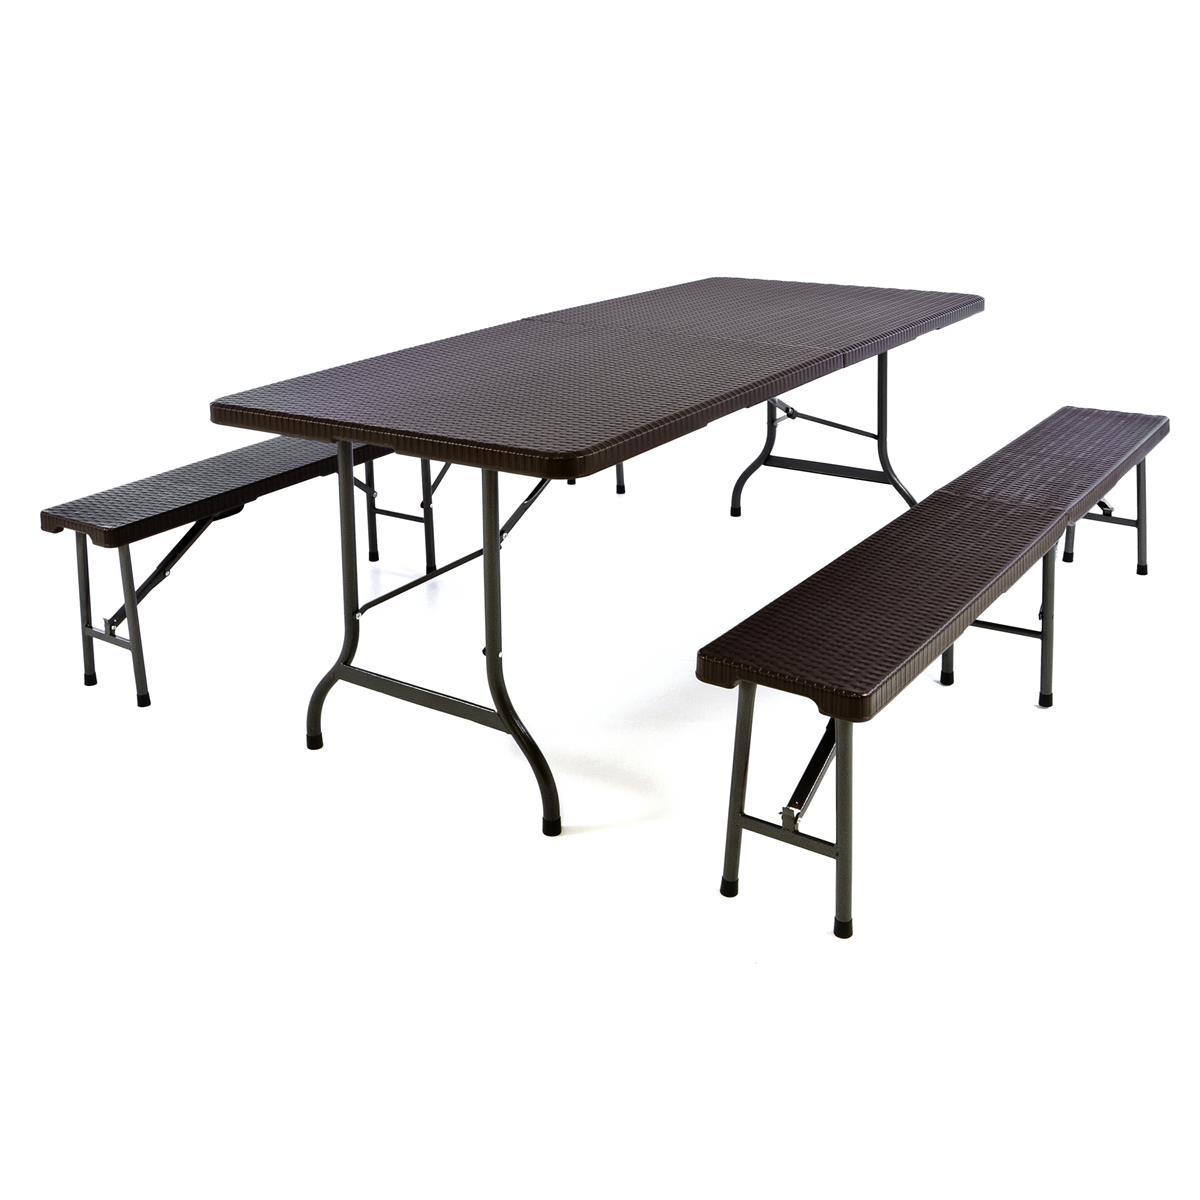 Gartengarnitur 1 Tisch 2 Bänke klappbar Rattanoptik Bierzeltgarnitur 180cm braun